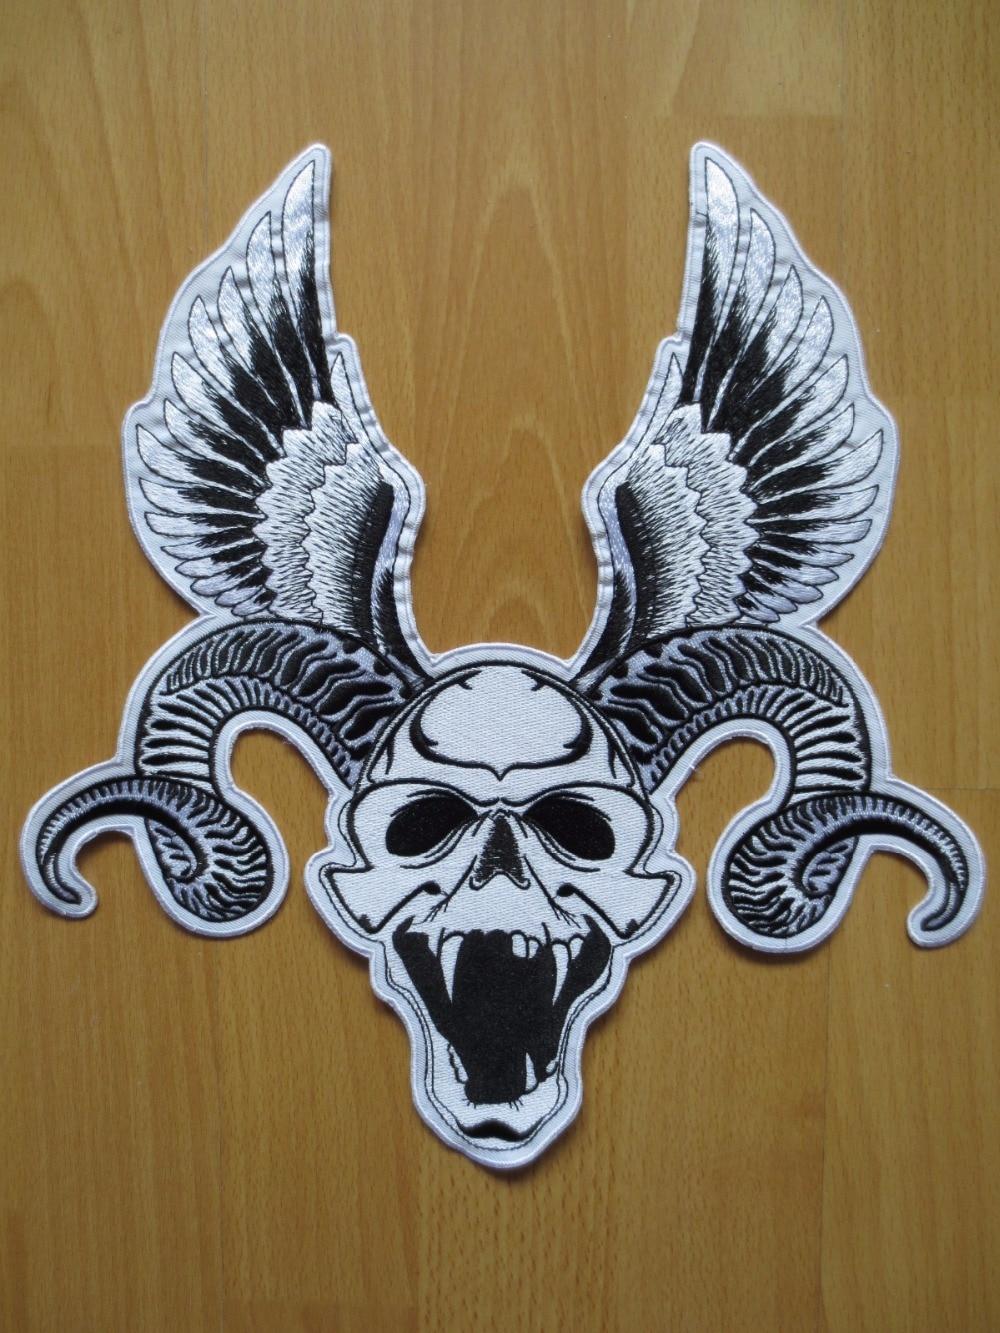 უზარმაზარი RAM Skull ერთად Wings 12 - ხელოვნება, რეწვა და კერვა